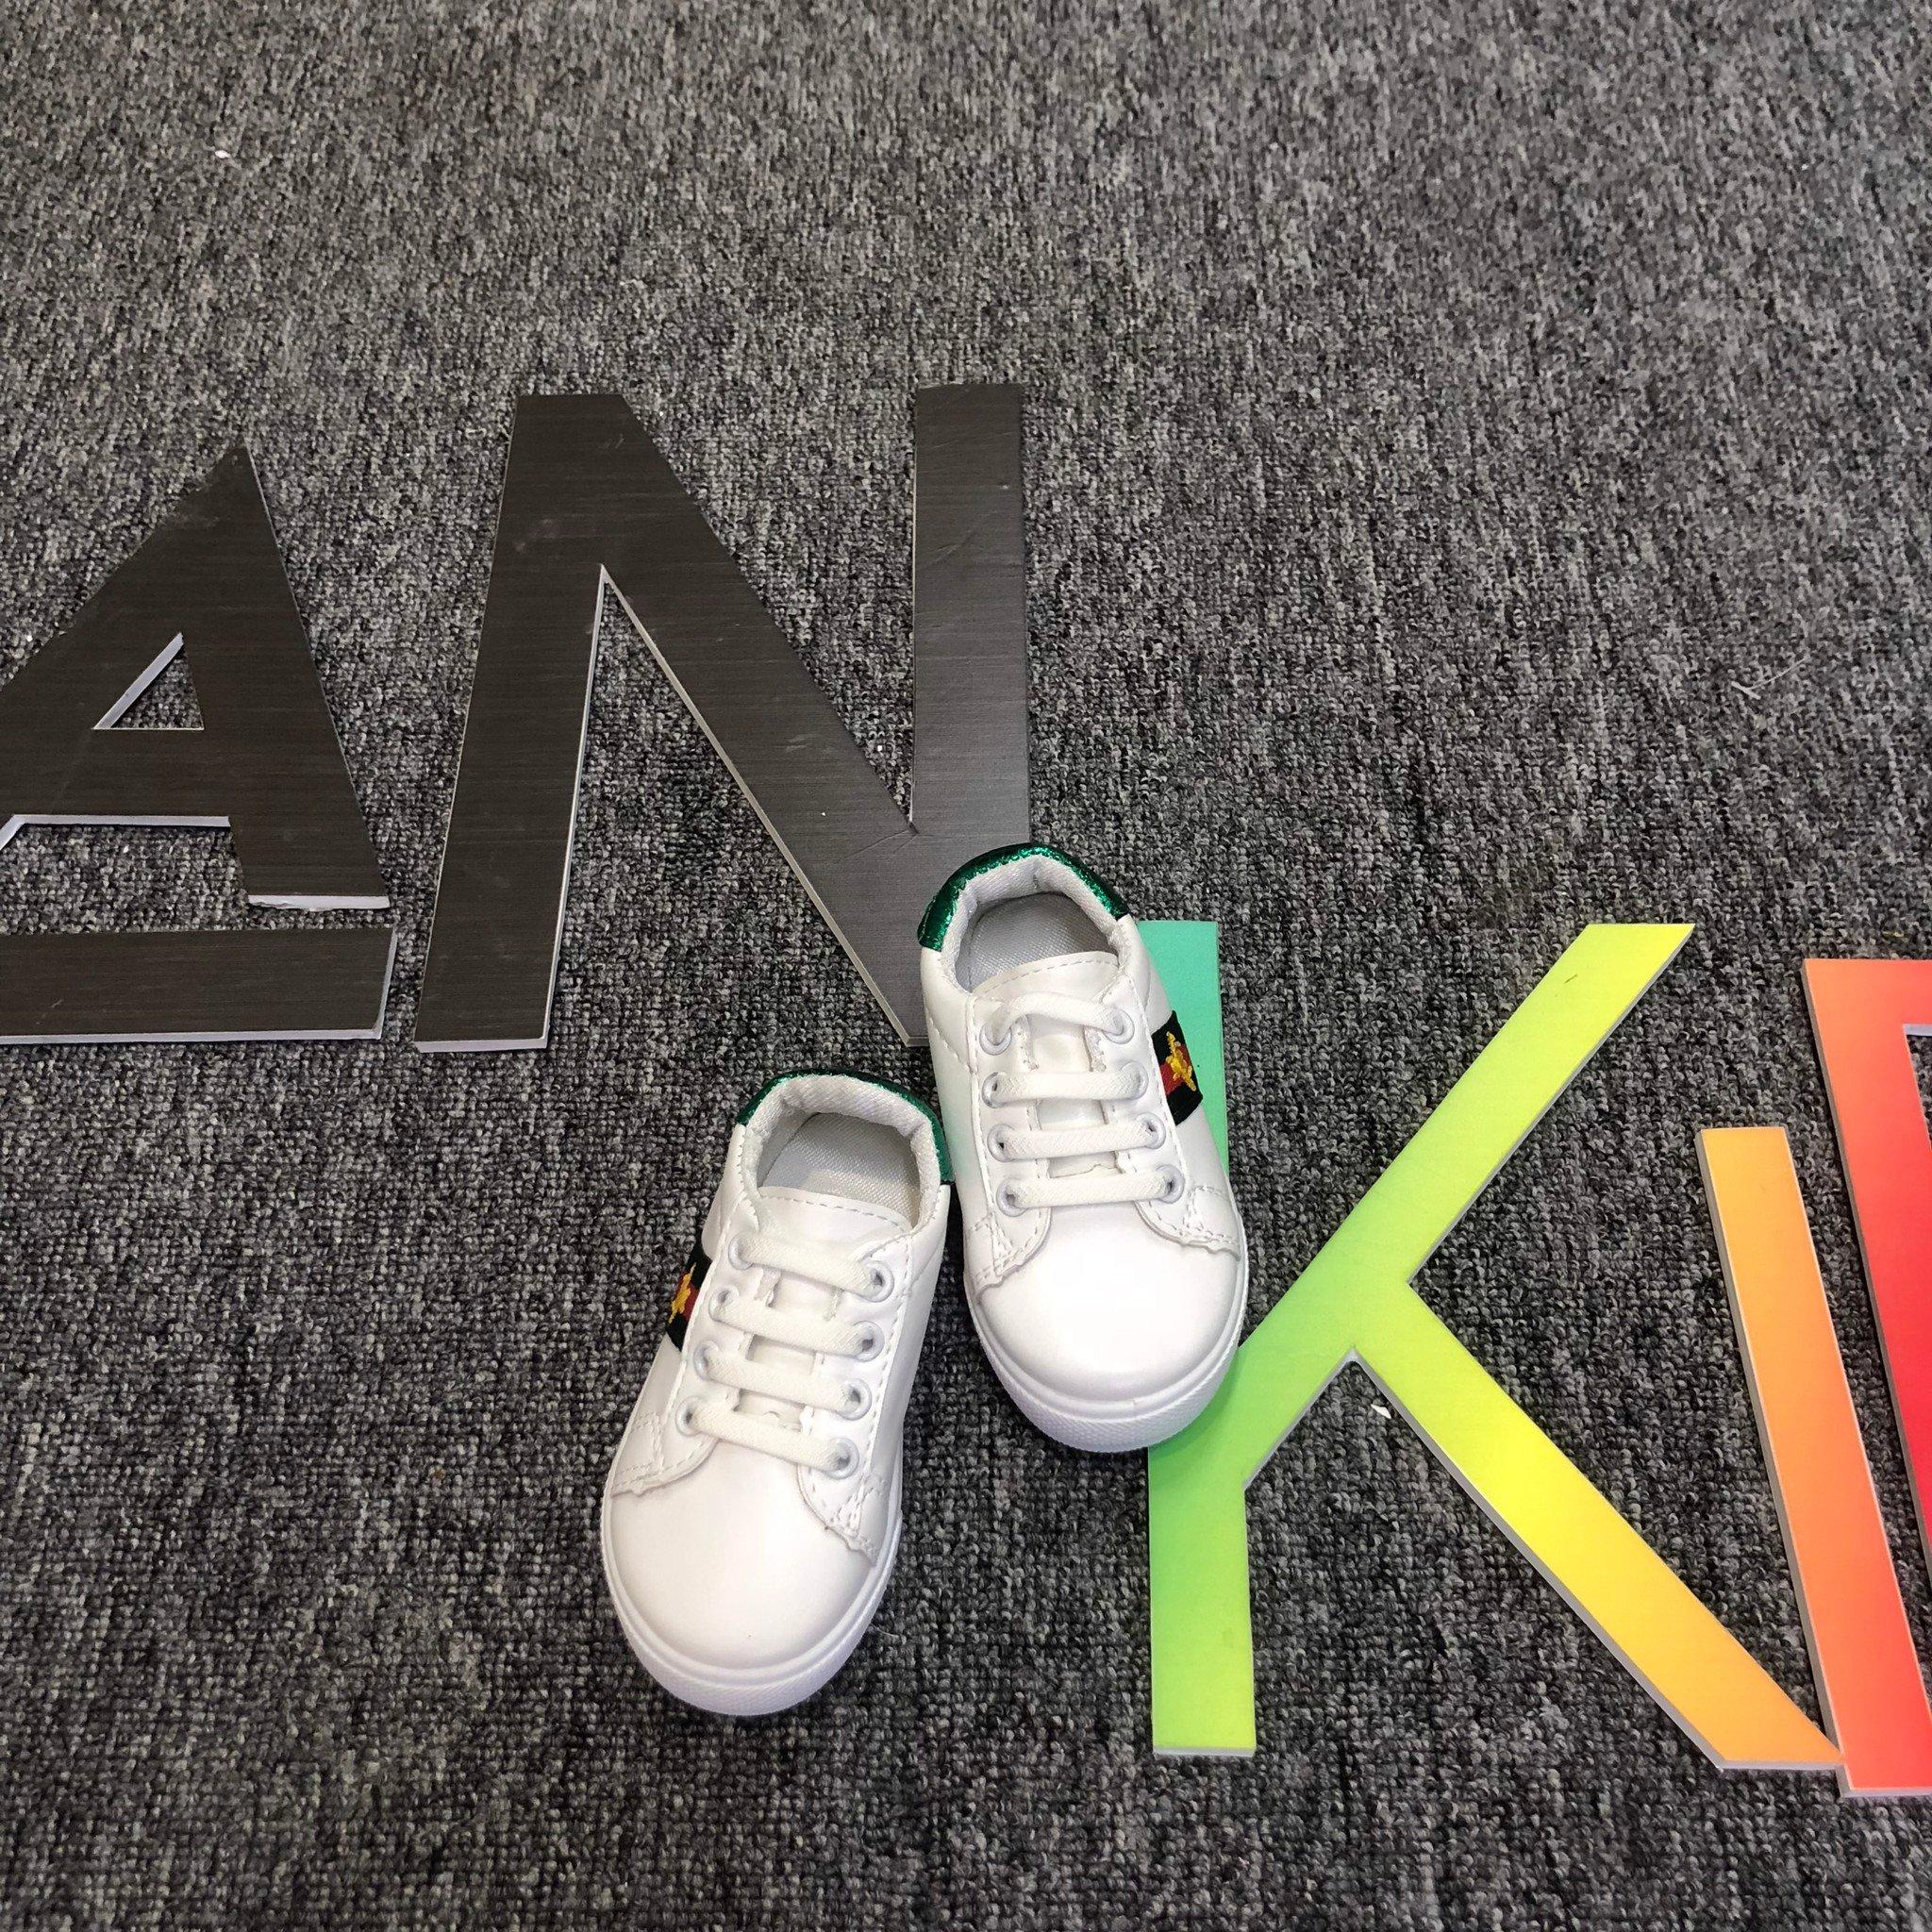 Giày sneaker  3 sọc con ong Gucci cho bé trai và gái